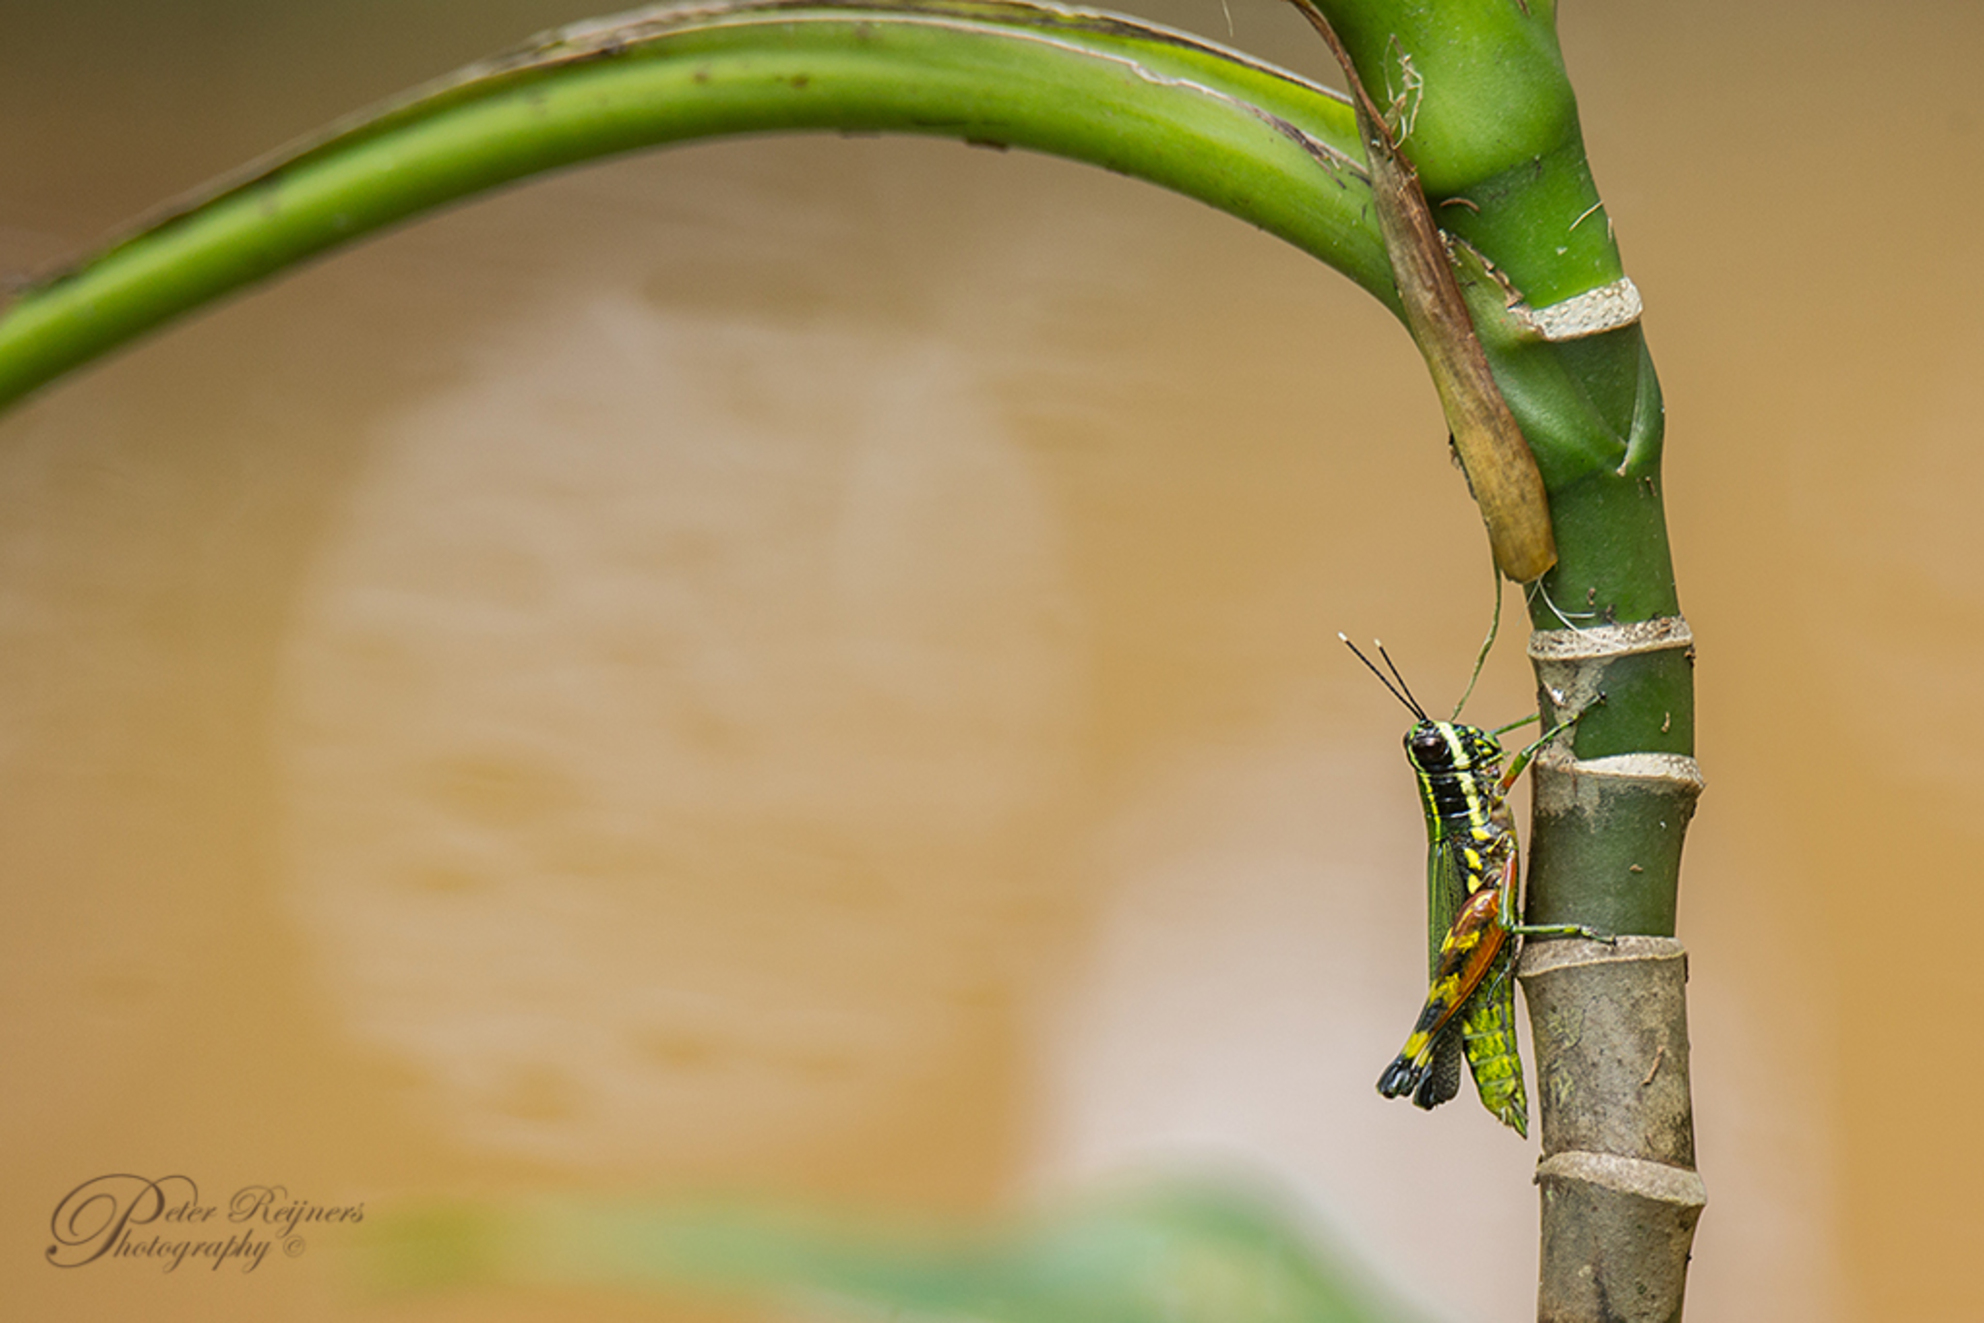 Jumper - Een opname van afgelopen zomer in Suriname. Iedereen bedankt voor de leuke reacties en beterschapswensen bij mijn vorige upload :)  Gr en fijn week - foto door Peterr_zoom op 30-11-2018 - deze foto bevat: macro, zon, water, lente, natuur, bruin, geel, licht, tuin, sprinkhaan, libel, zomer, insect, dauw, dof, bokeh, Peterr, Canon 5D Mark III